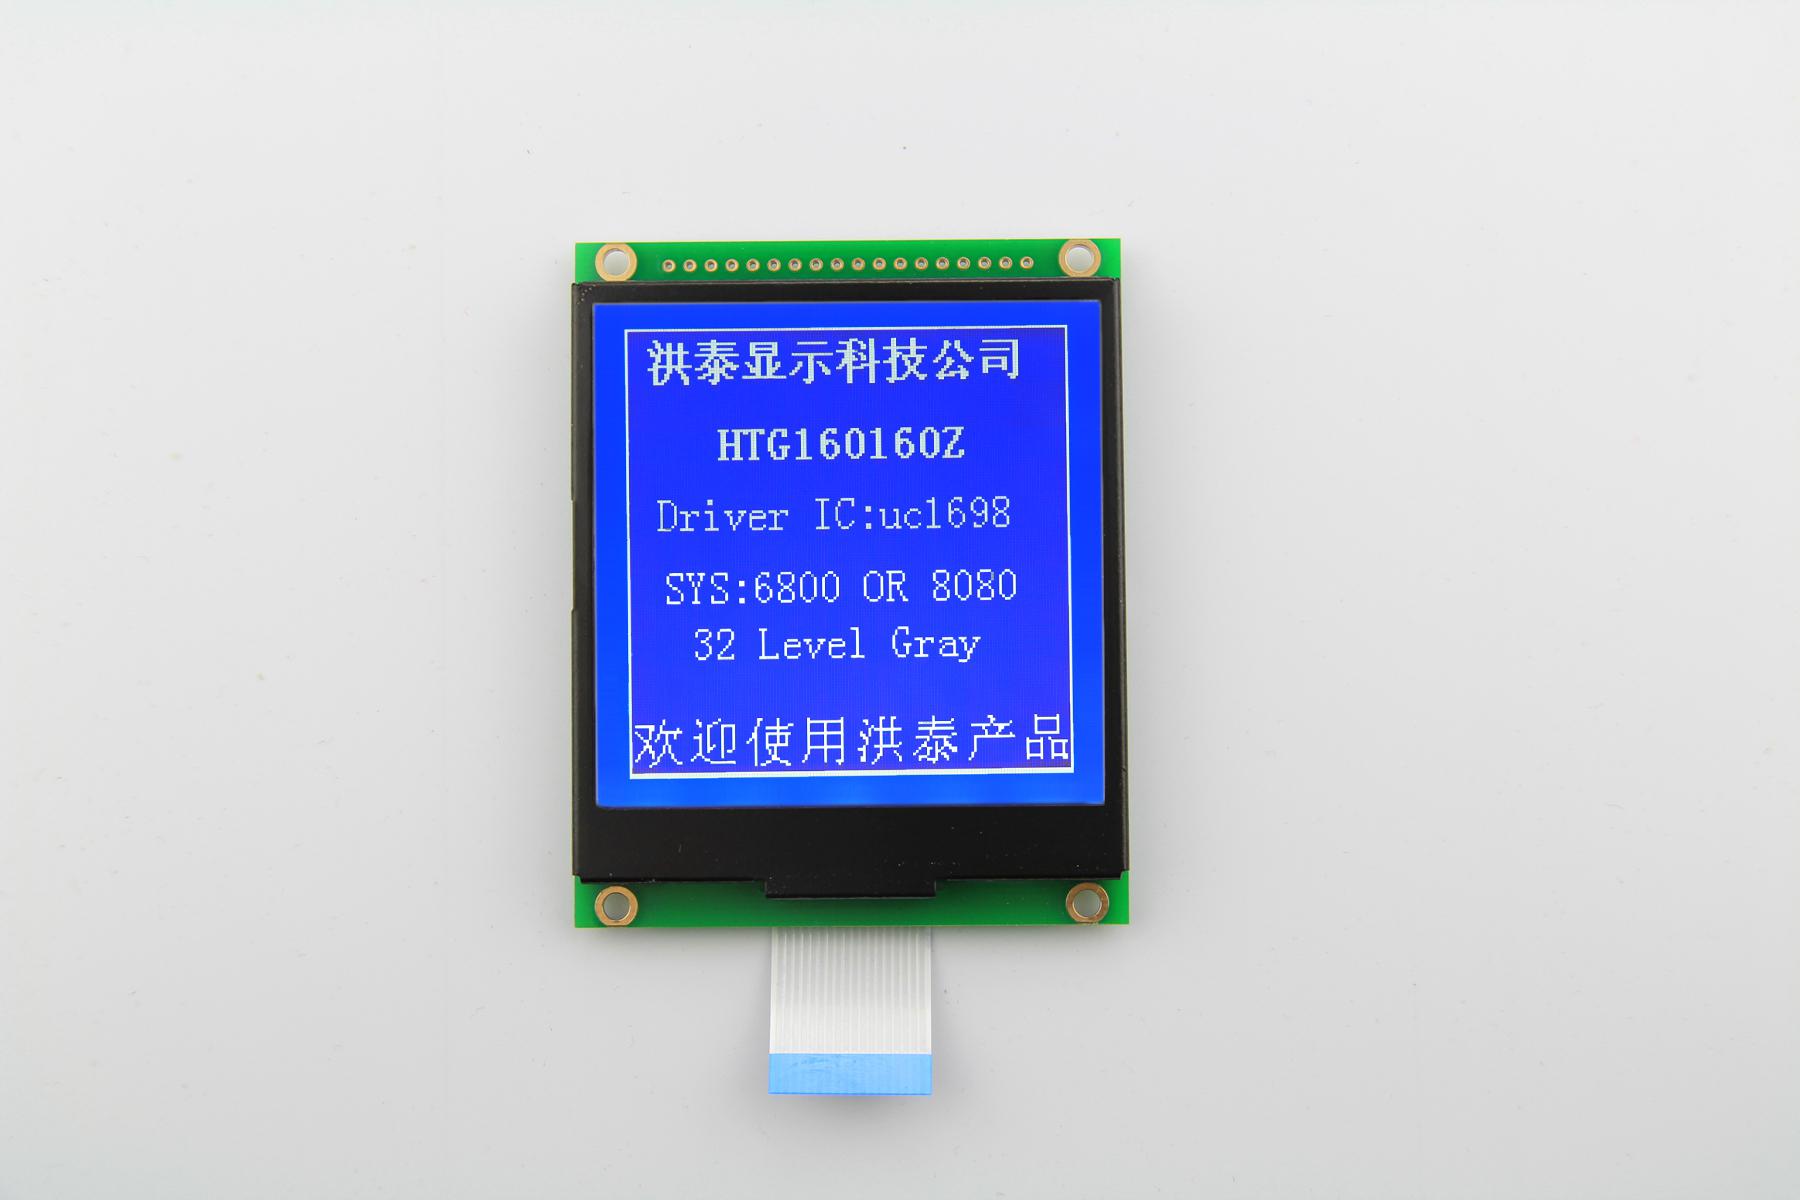 HTM160160C(蓝膜/负显)--可视尺寸正方形的160x160图形点阵模组